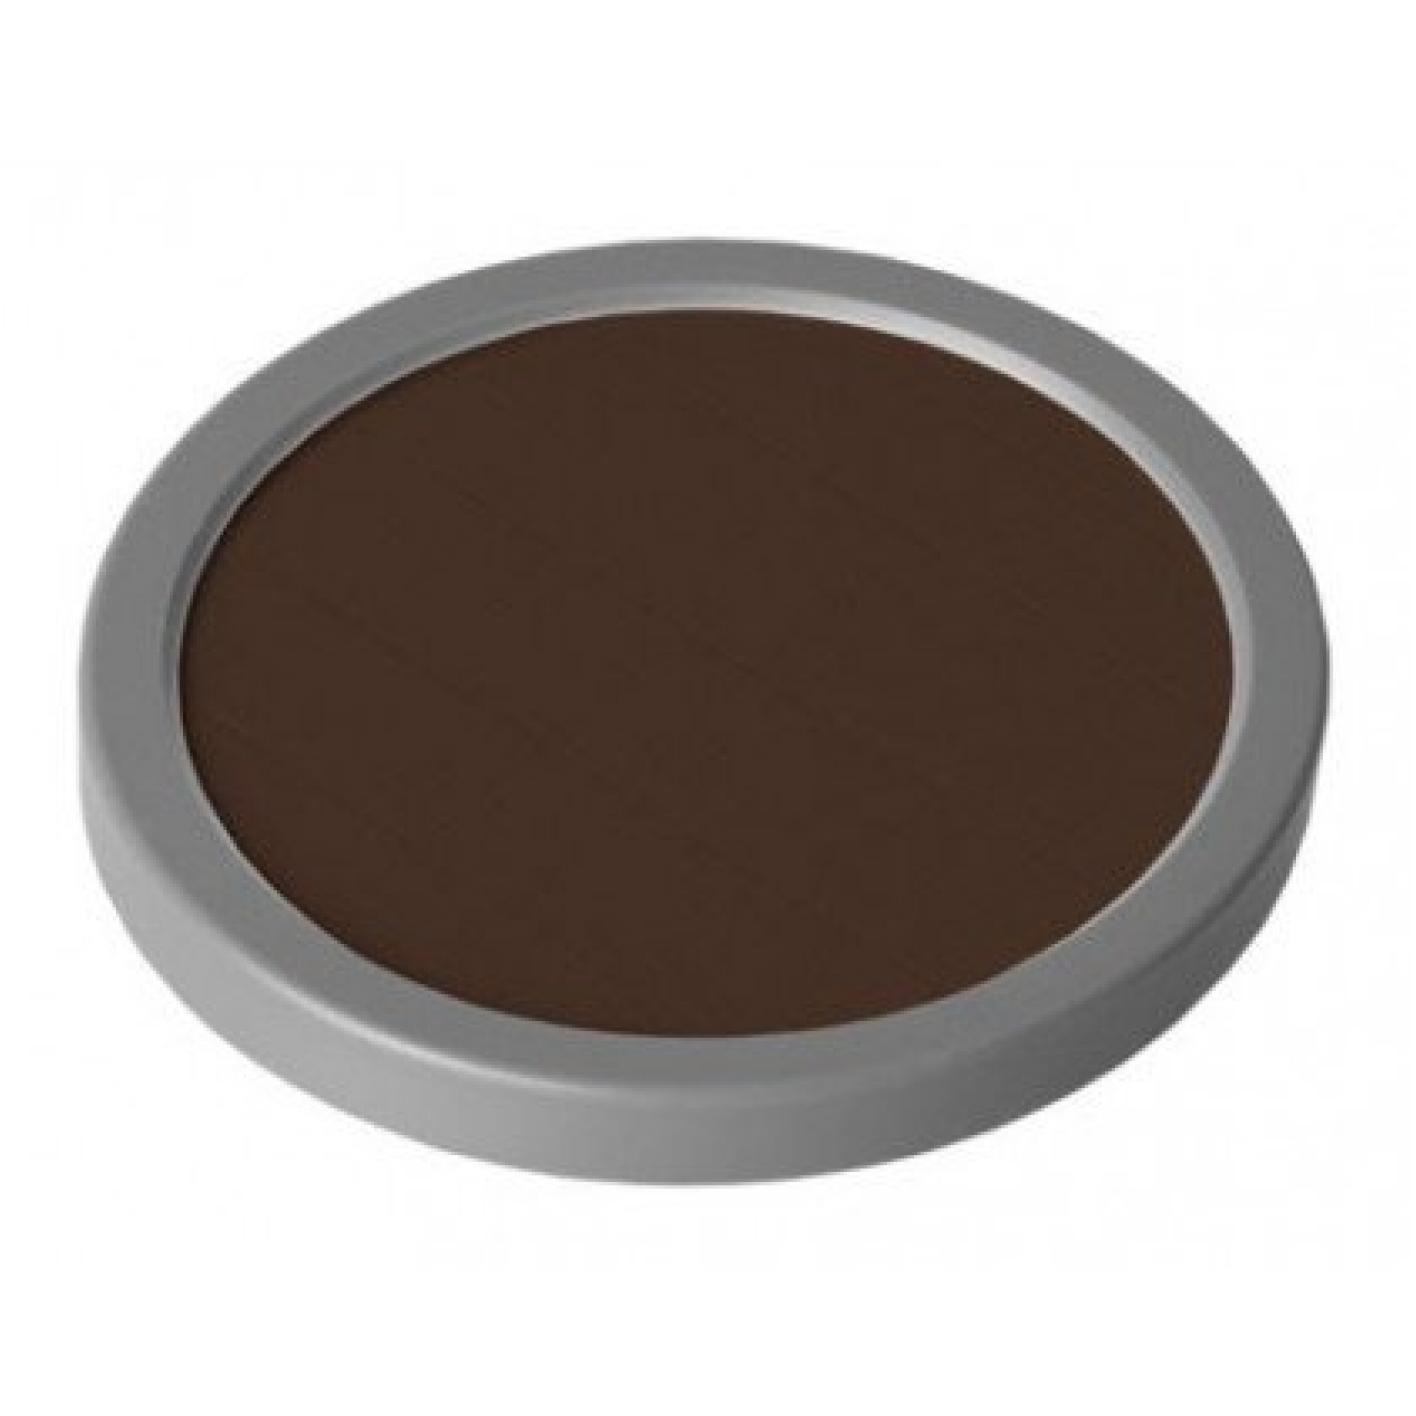 Cake make-up - Donker bruin - 1001 - 35 Gram